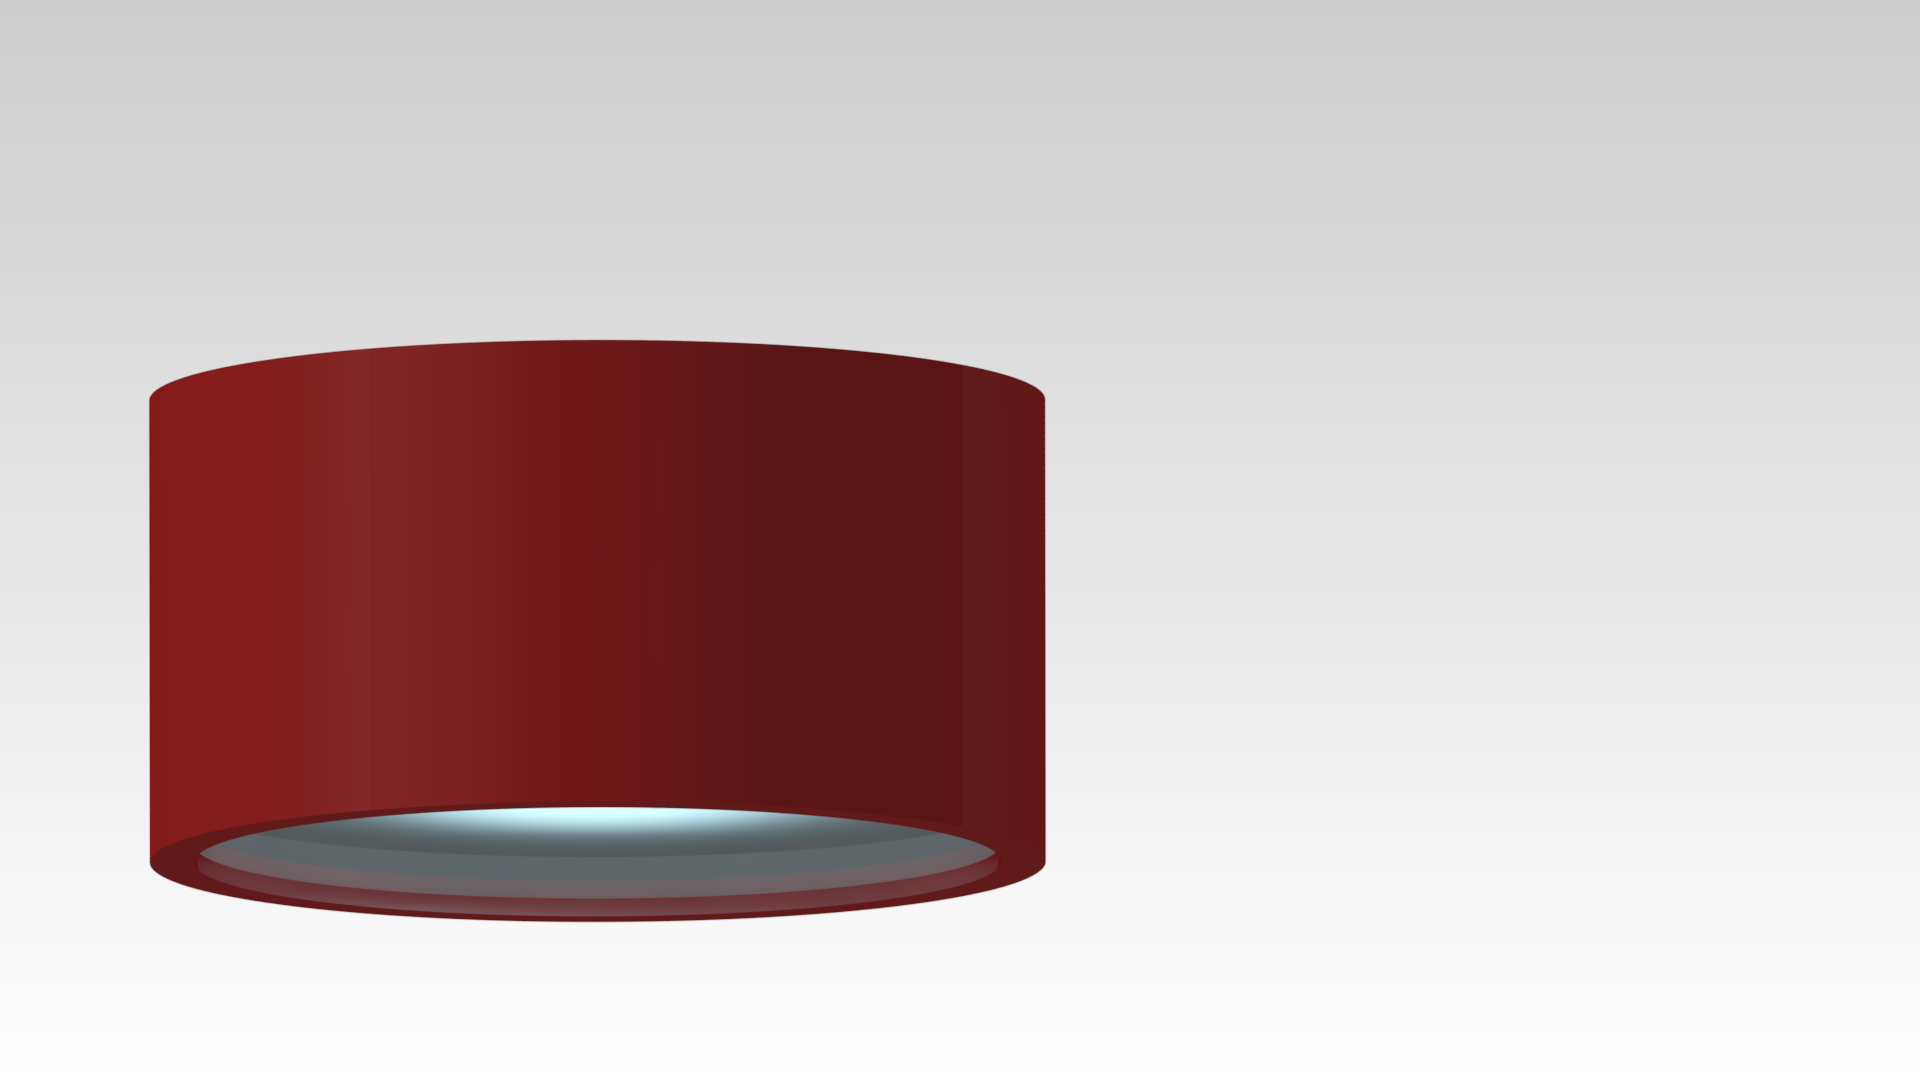 светильник потолочный накладной красный круглый